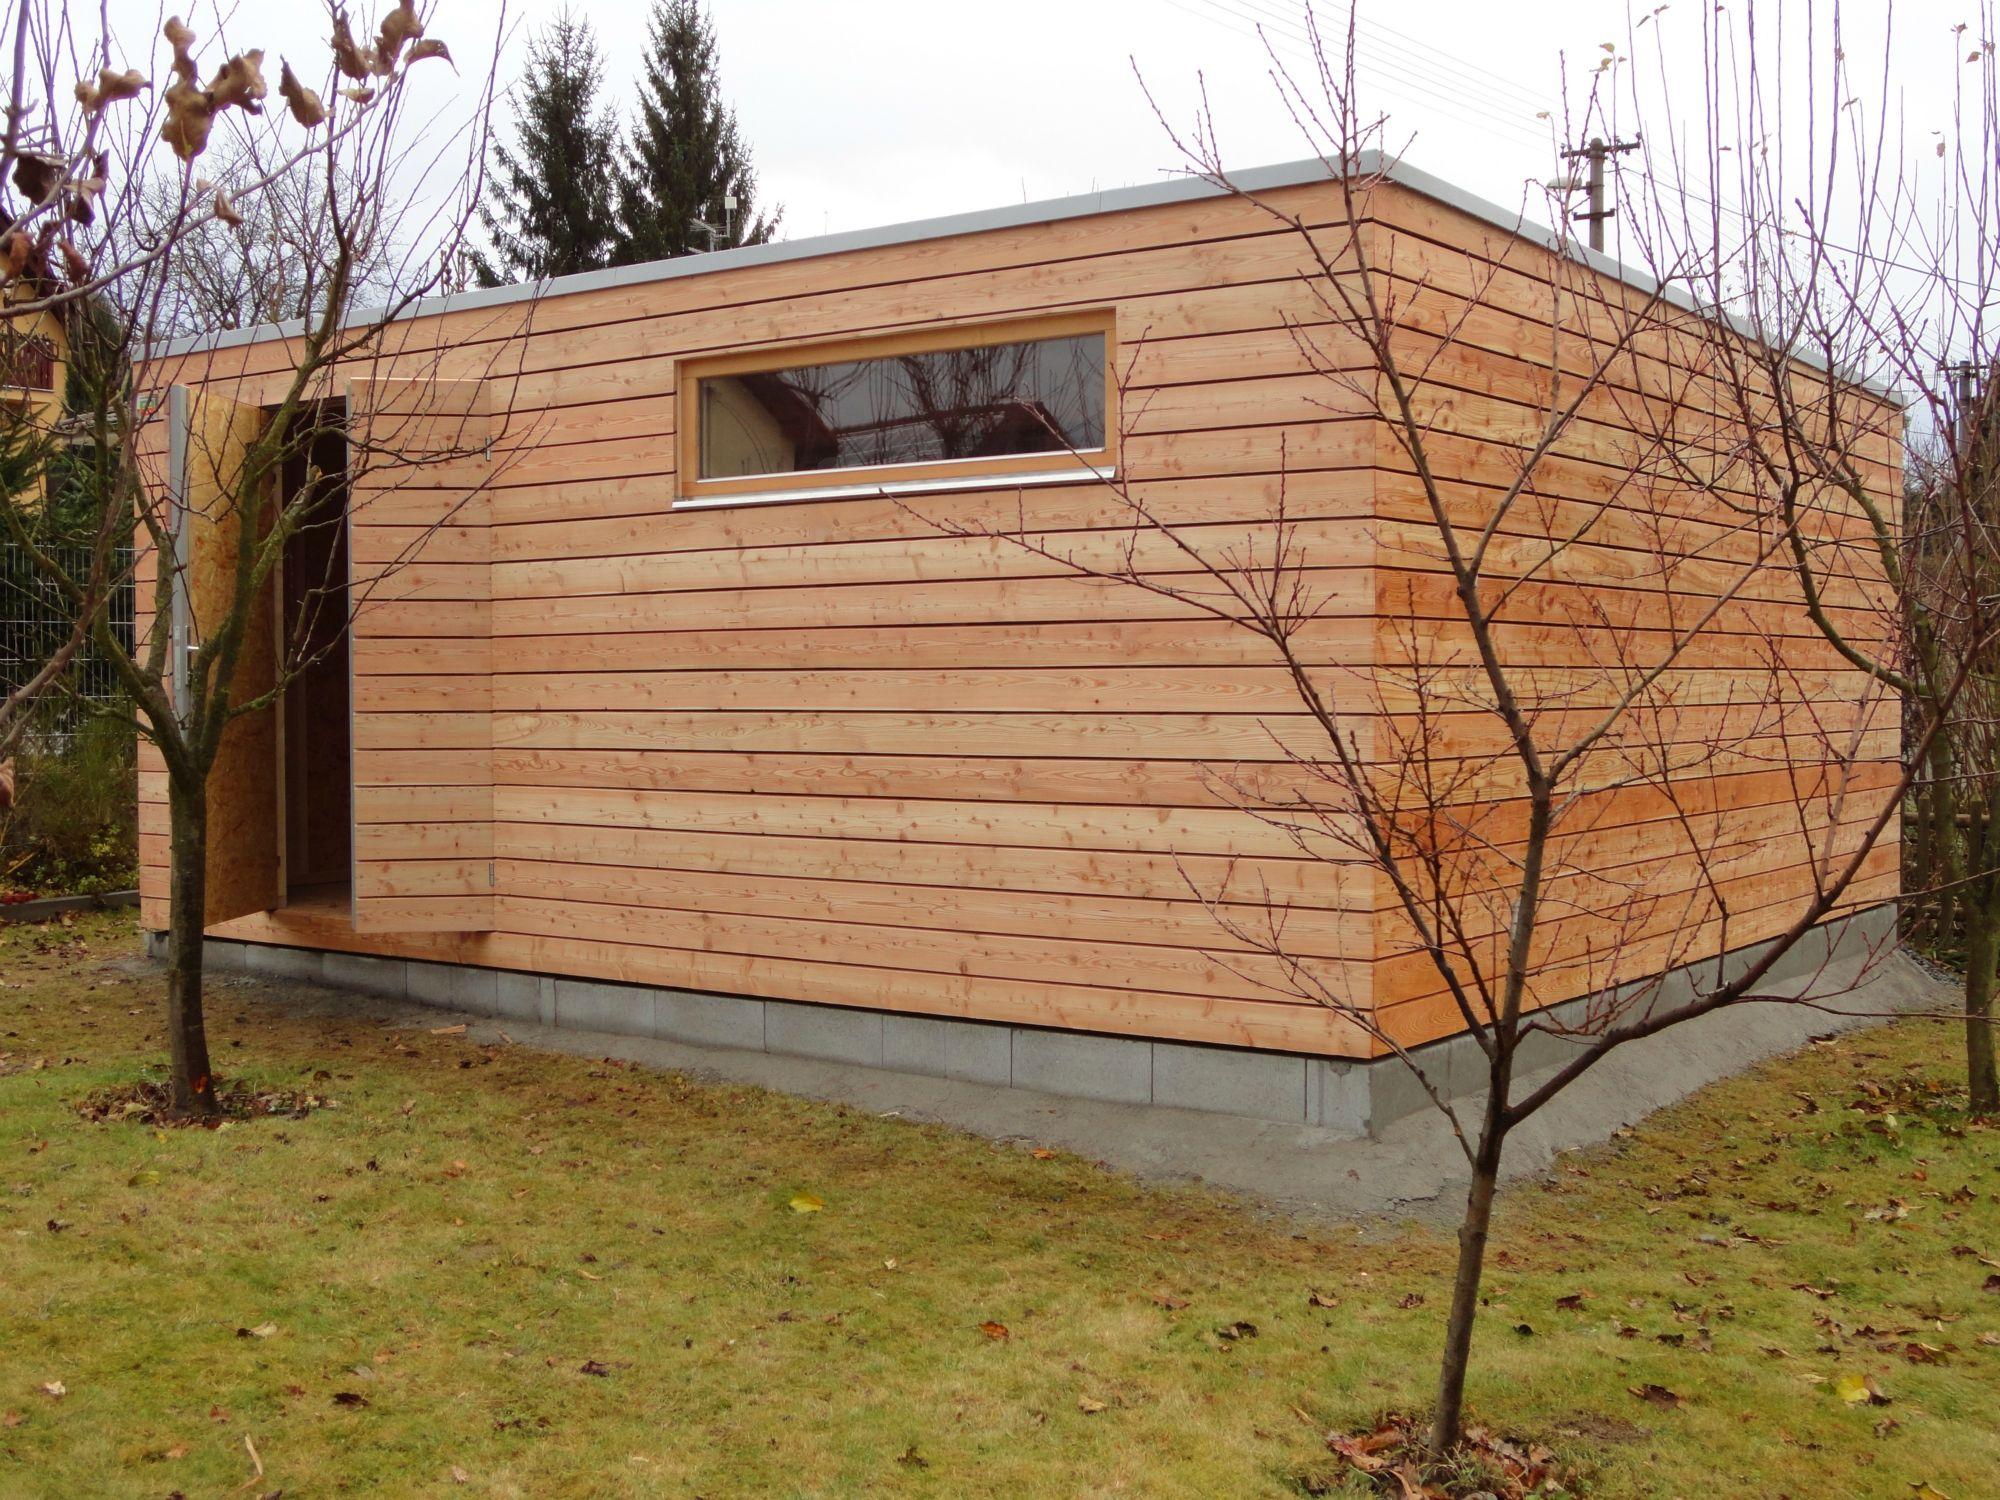 Gartenhaus 5x5 m   NATURHOUSE S24 | NATURHOUSE®   moderne Gartenhäuser